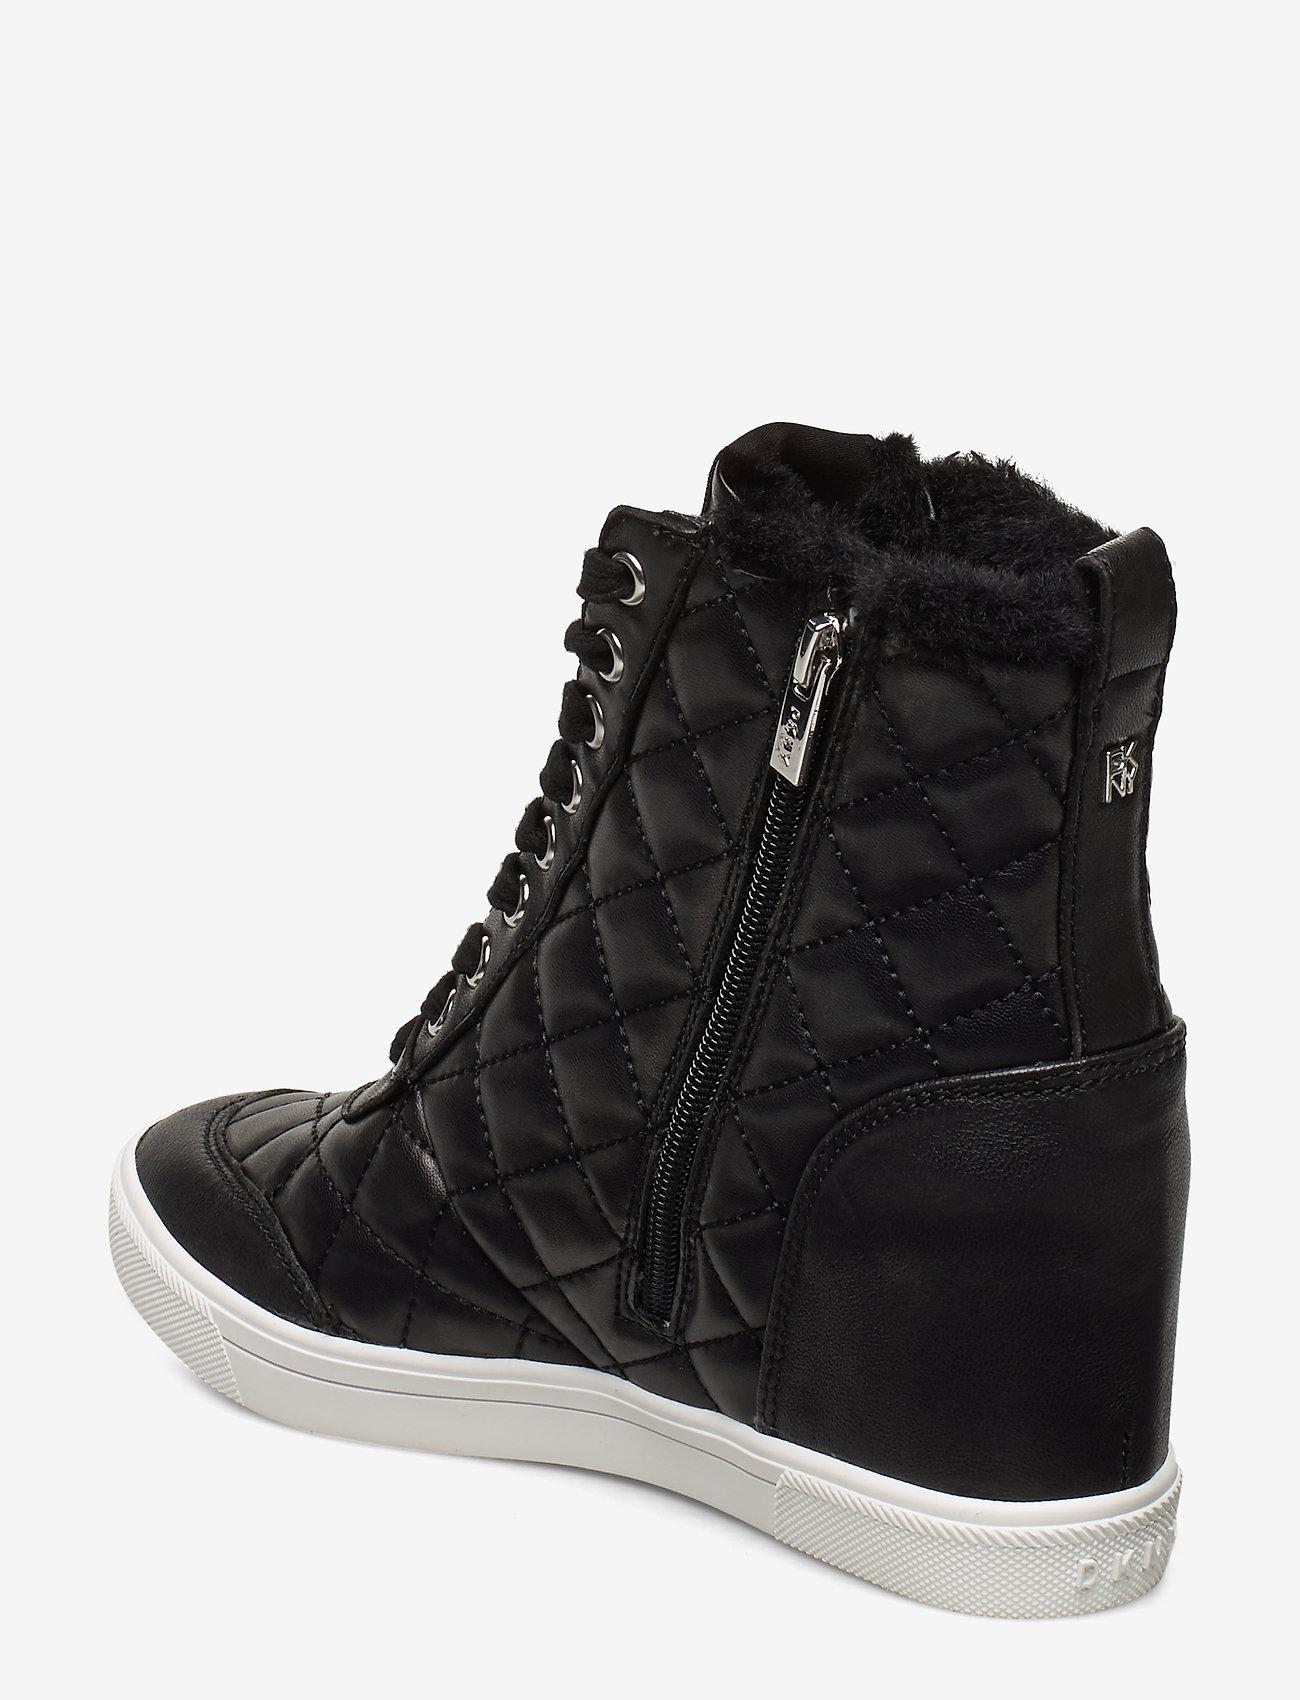 Cira (Blk/nickel) - DKNY